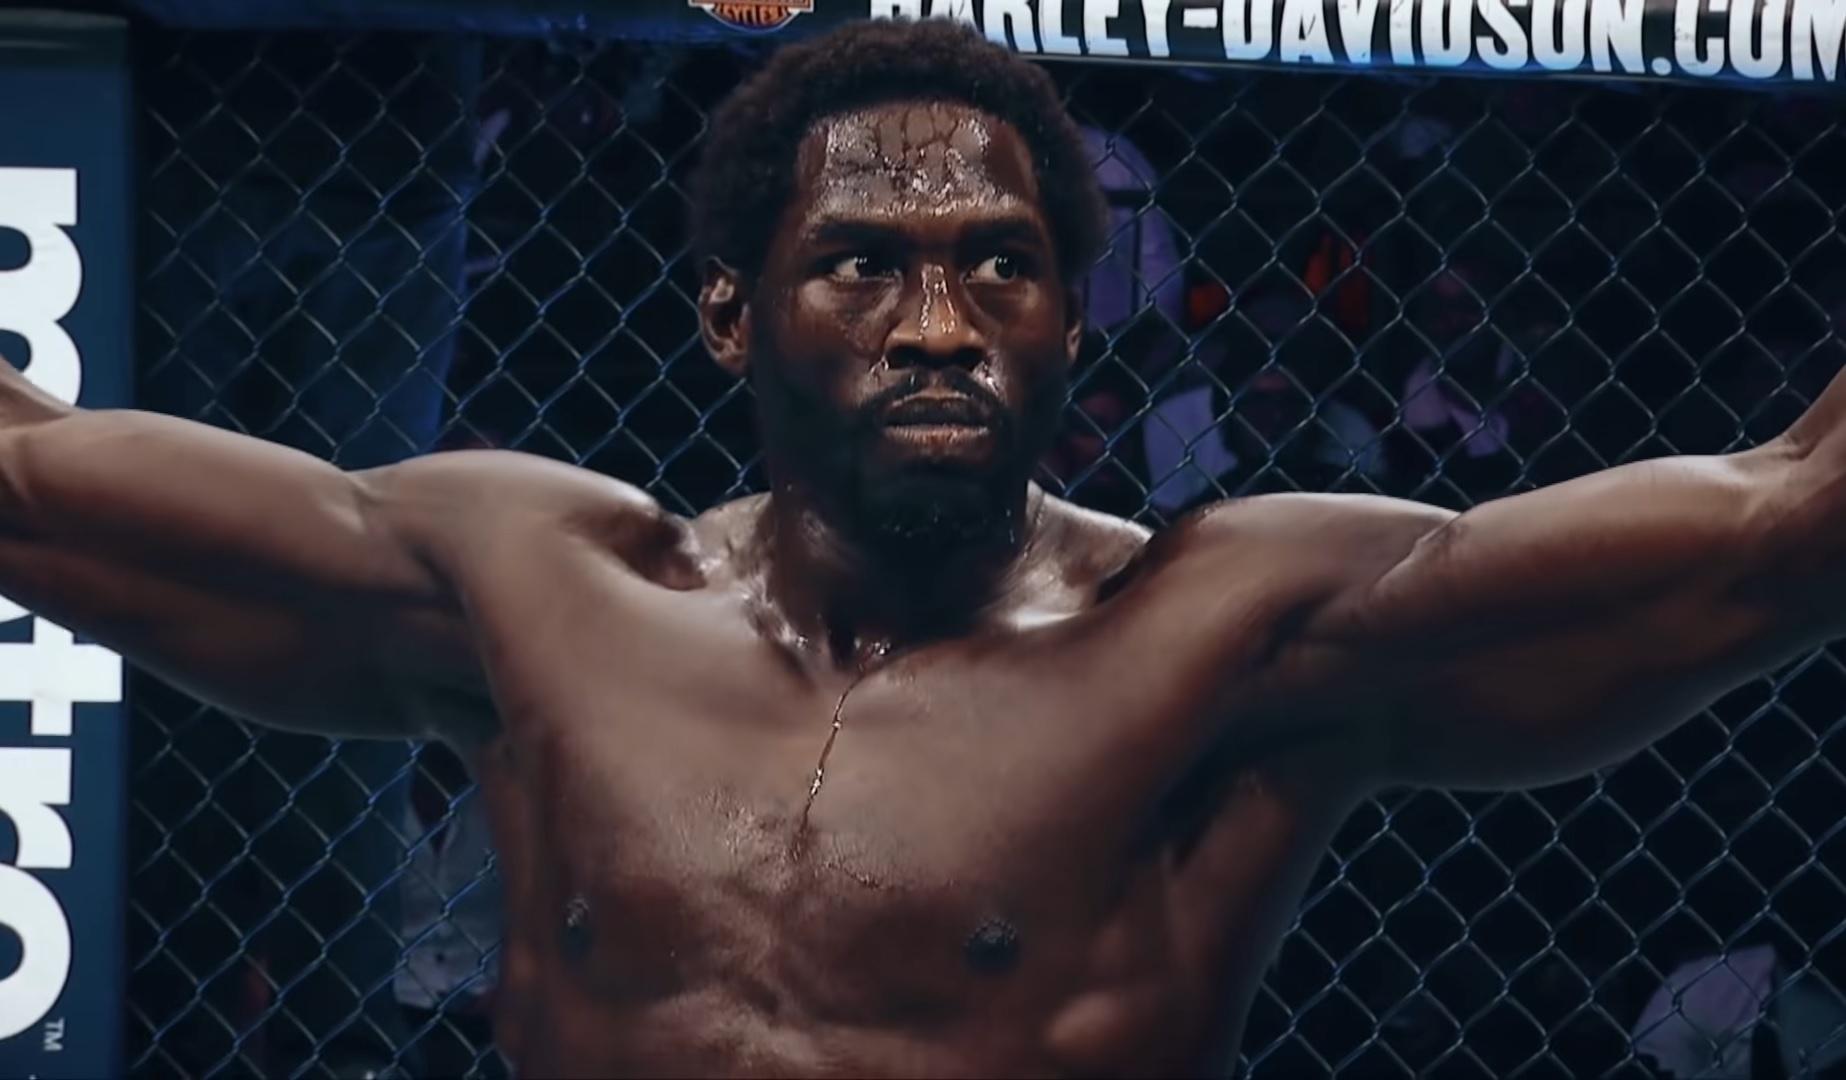 UFC najavio prvi PPV u 2022. godini: Odmah otkrivene sjajne borbe u teškoj i srednjoj kategoriji